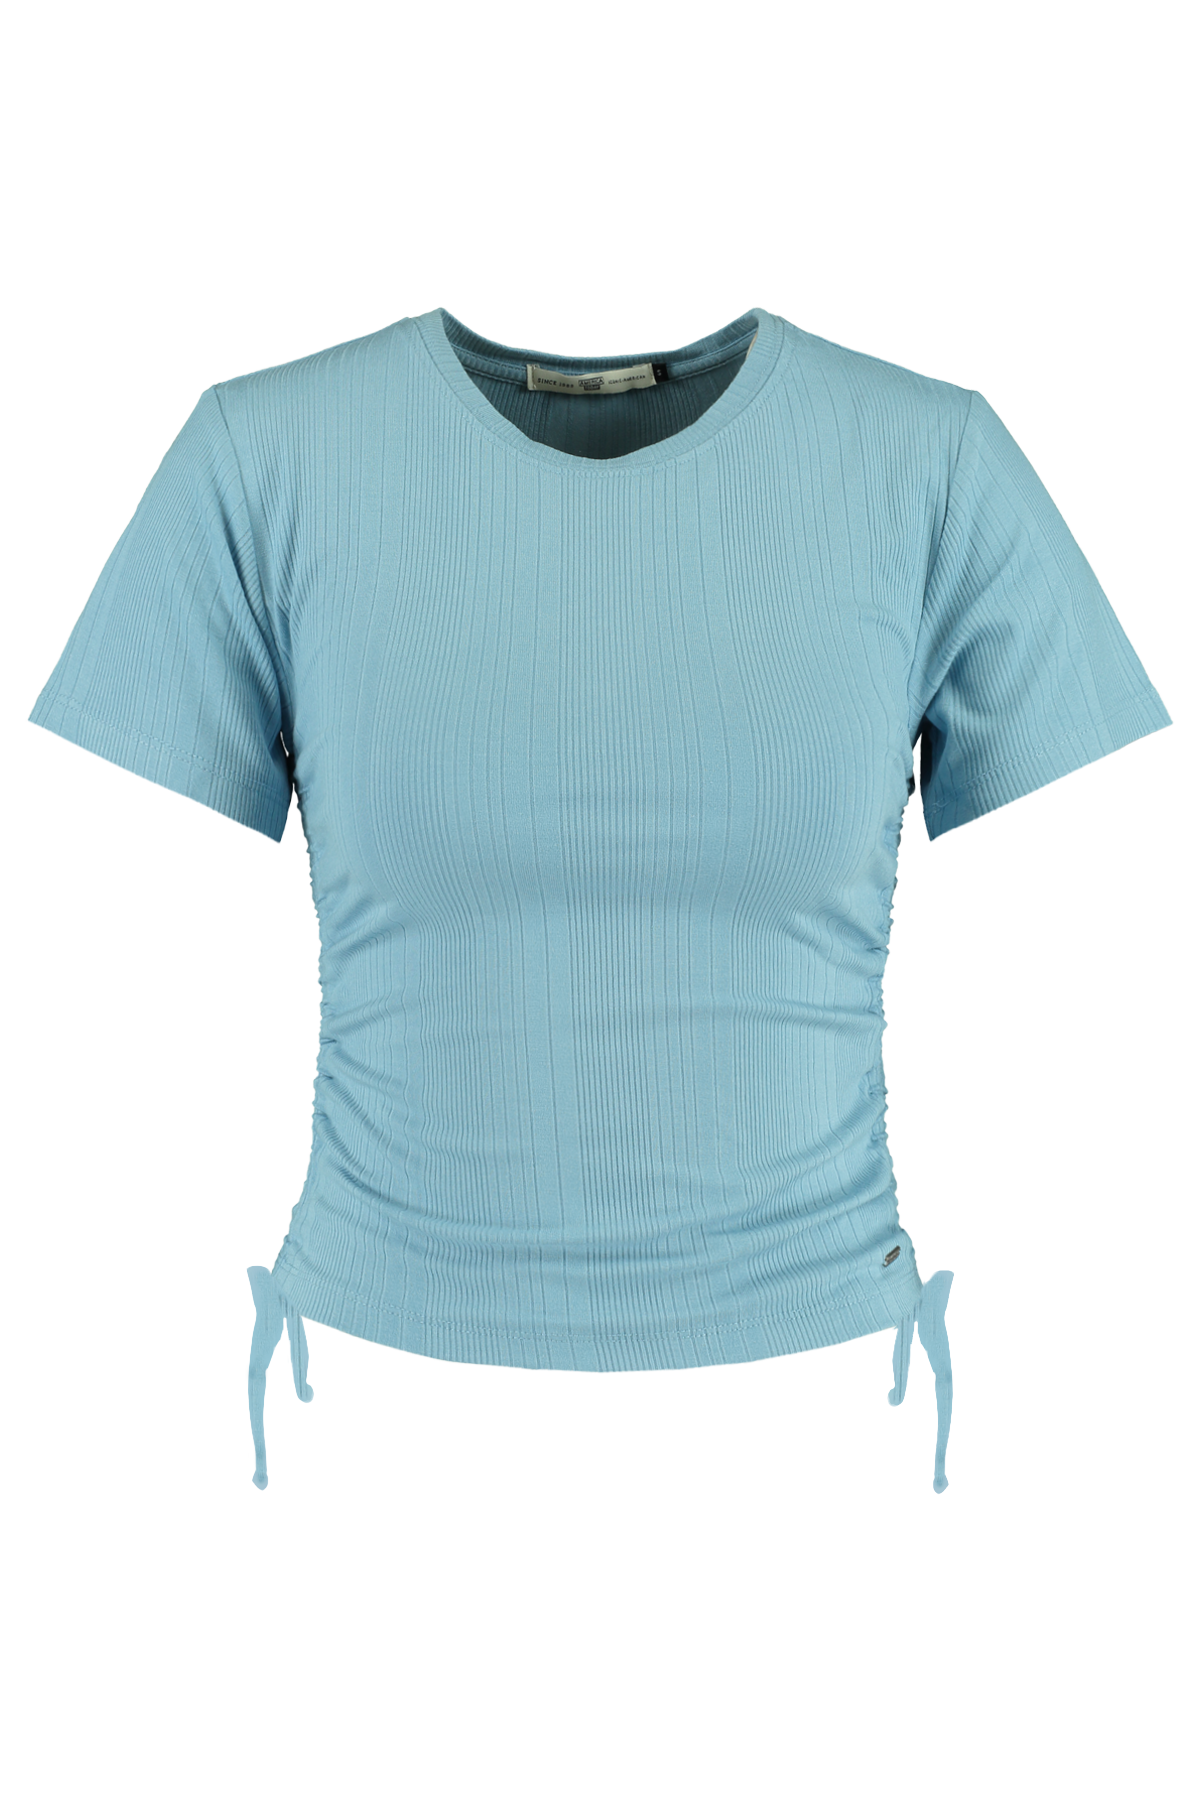 T-shirt Elsa